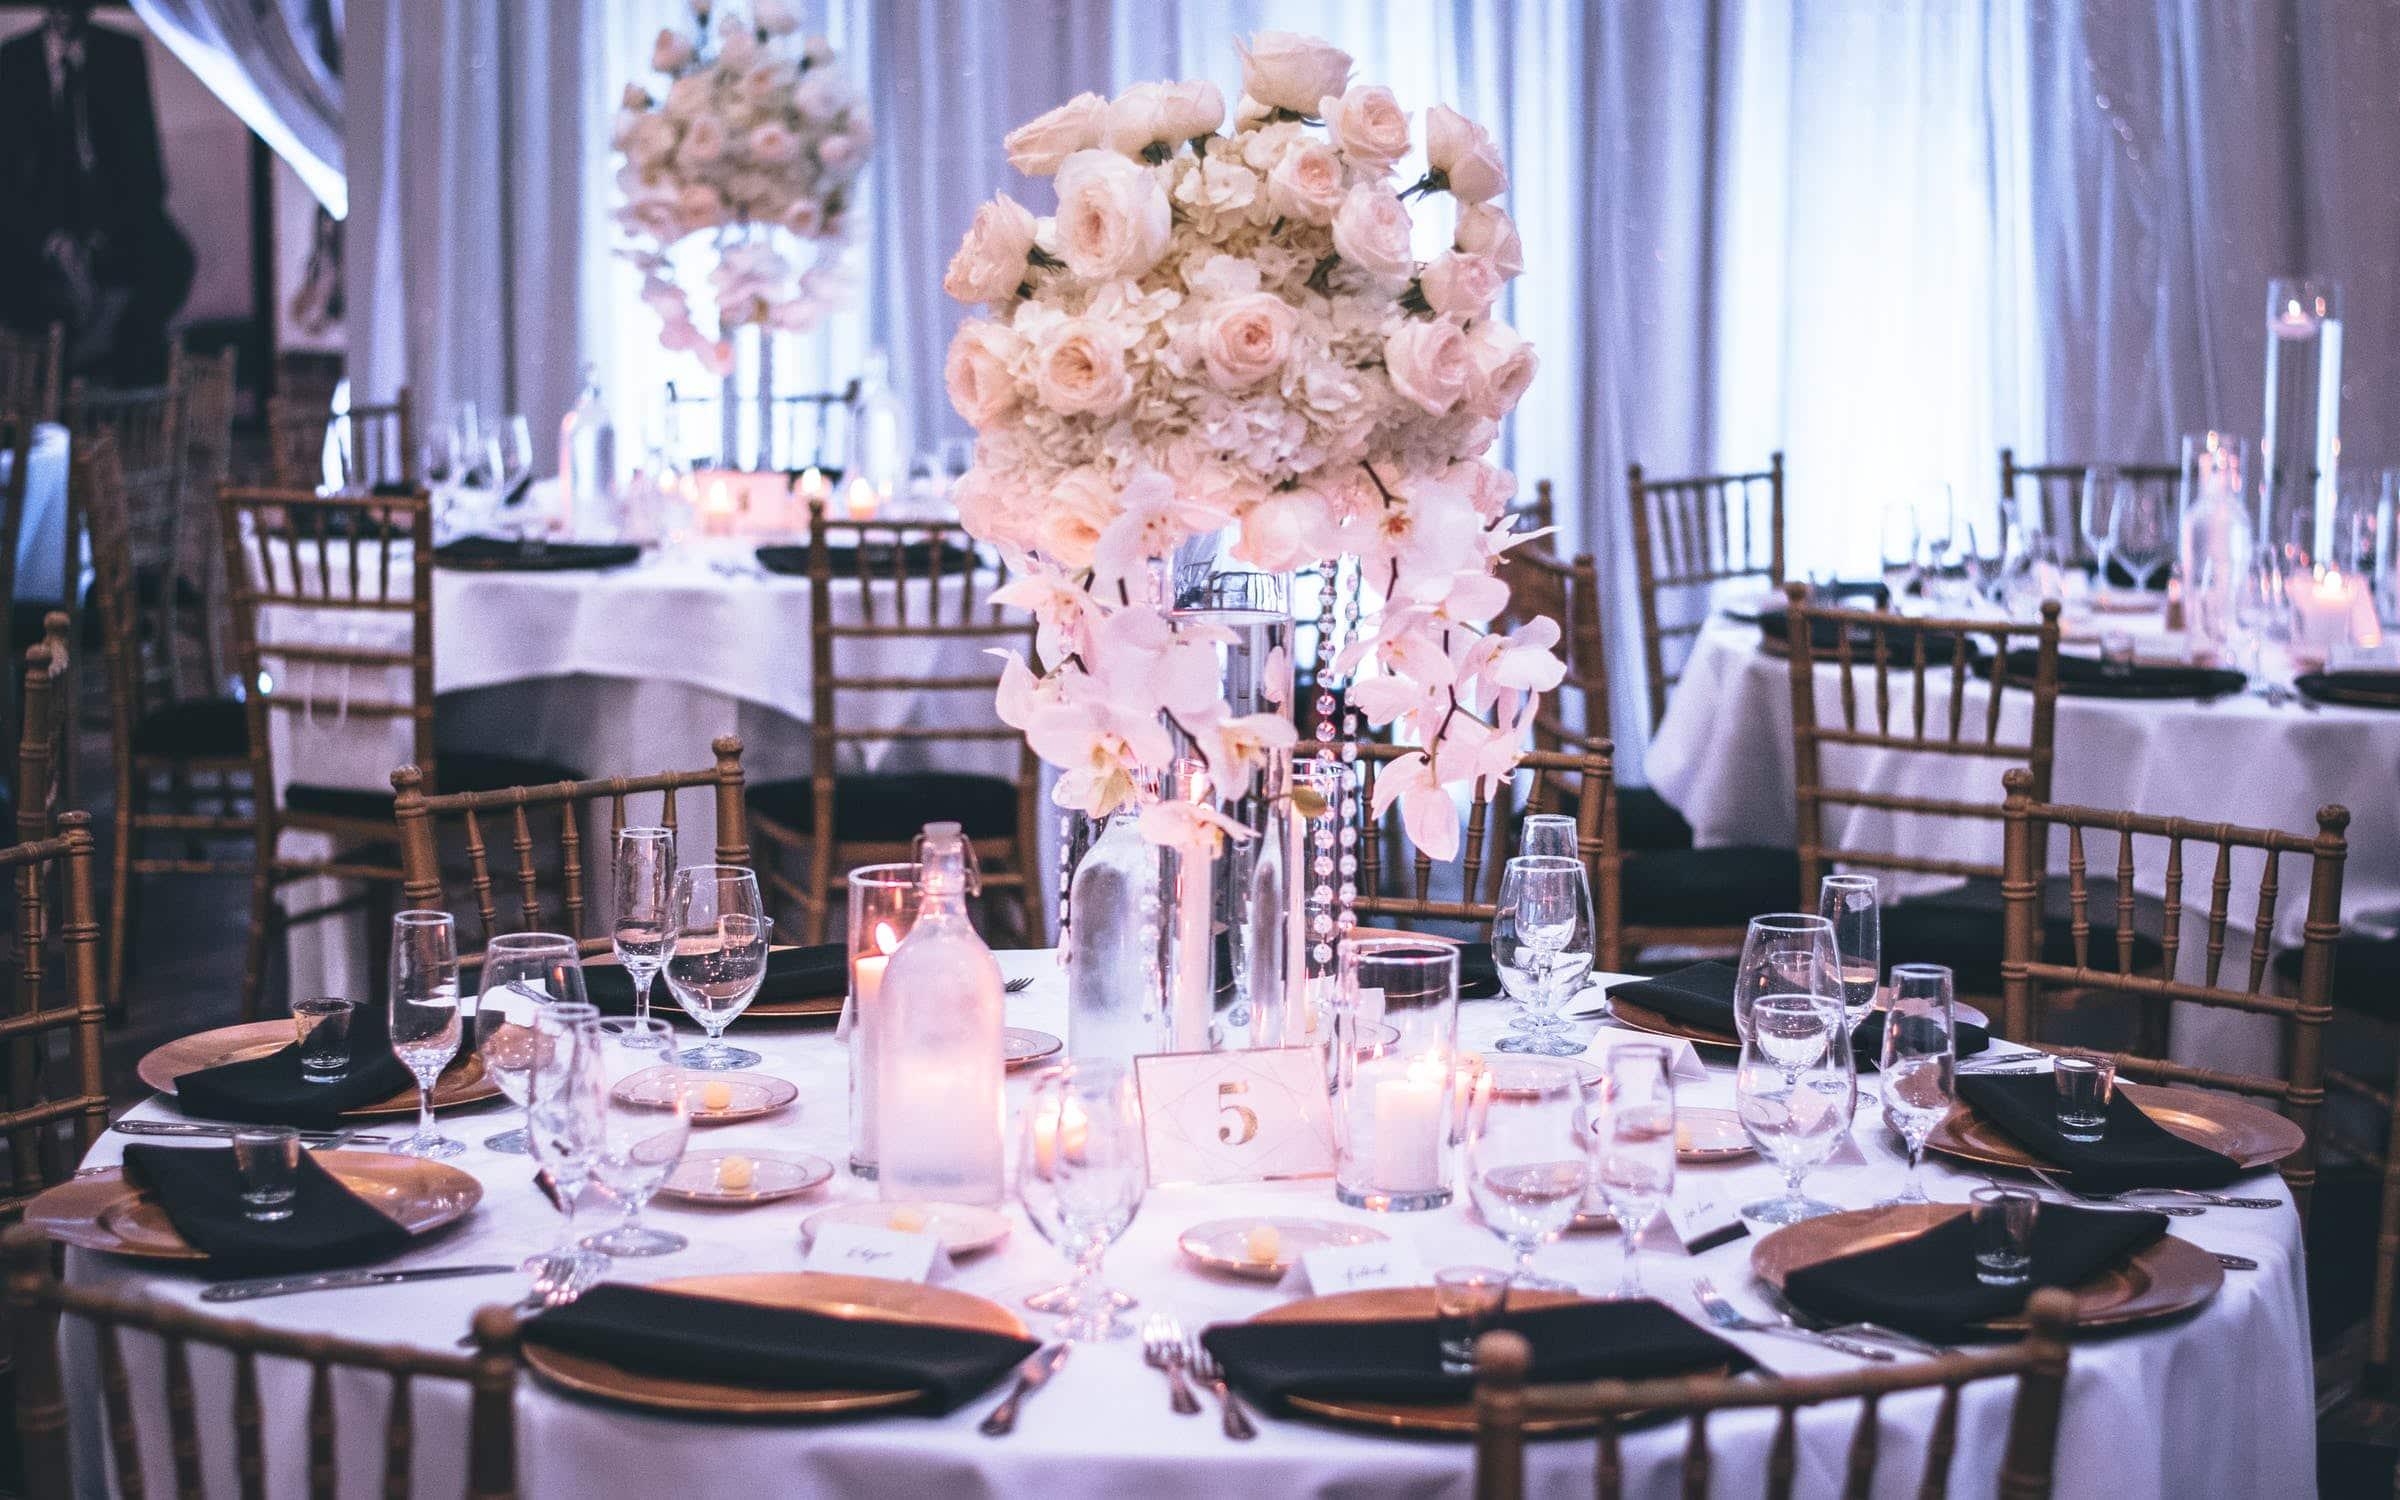 Banquete de boda: cómo organizar las mesas, ▷ Alquiler Fotomatón en Madrid